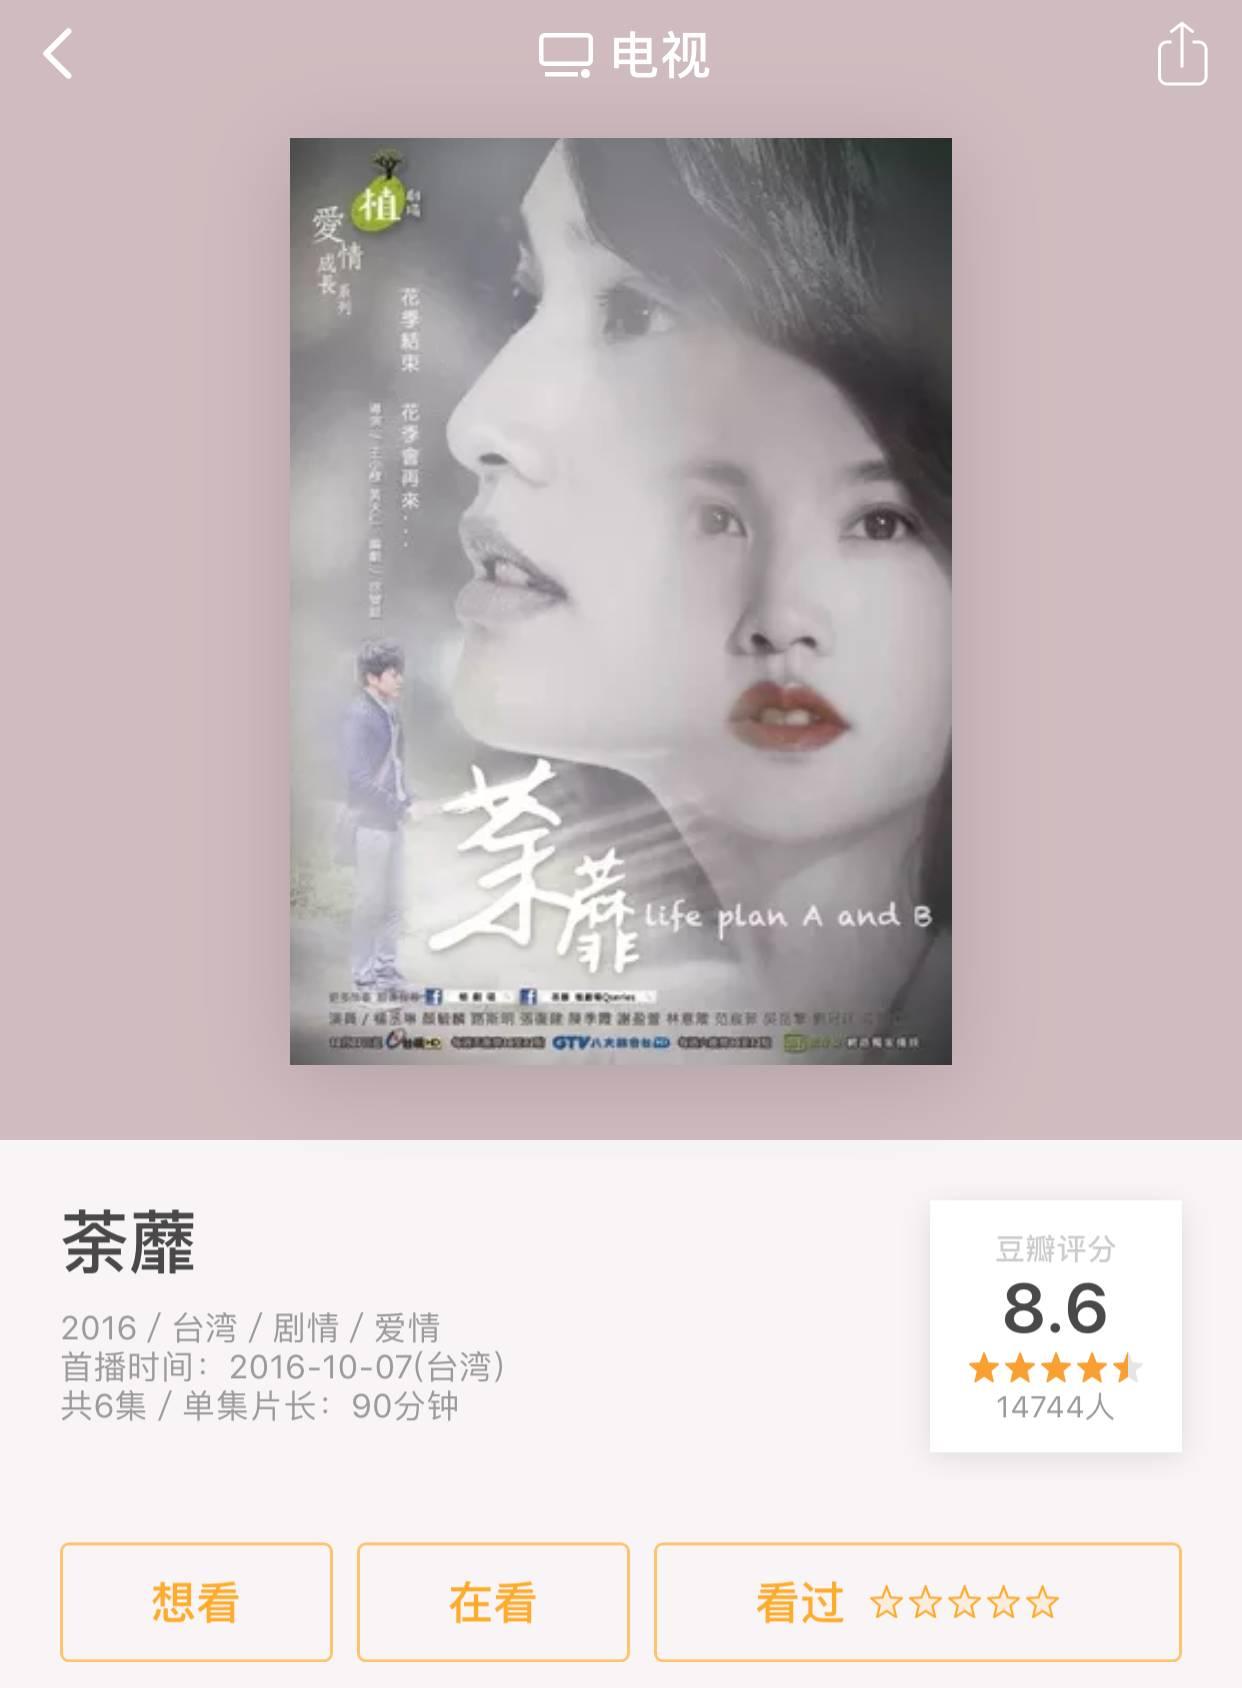 """34岁杨丞琳生日照像18?难怪李荣浩现在都叫她""""我家少女"""""""